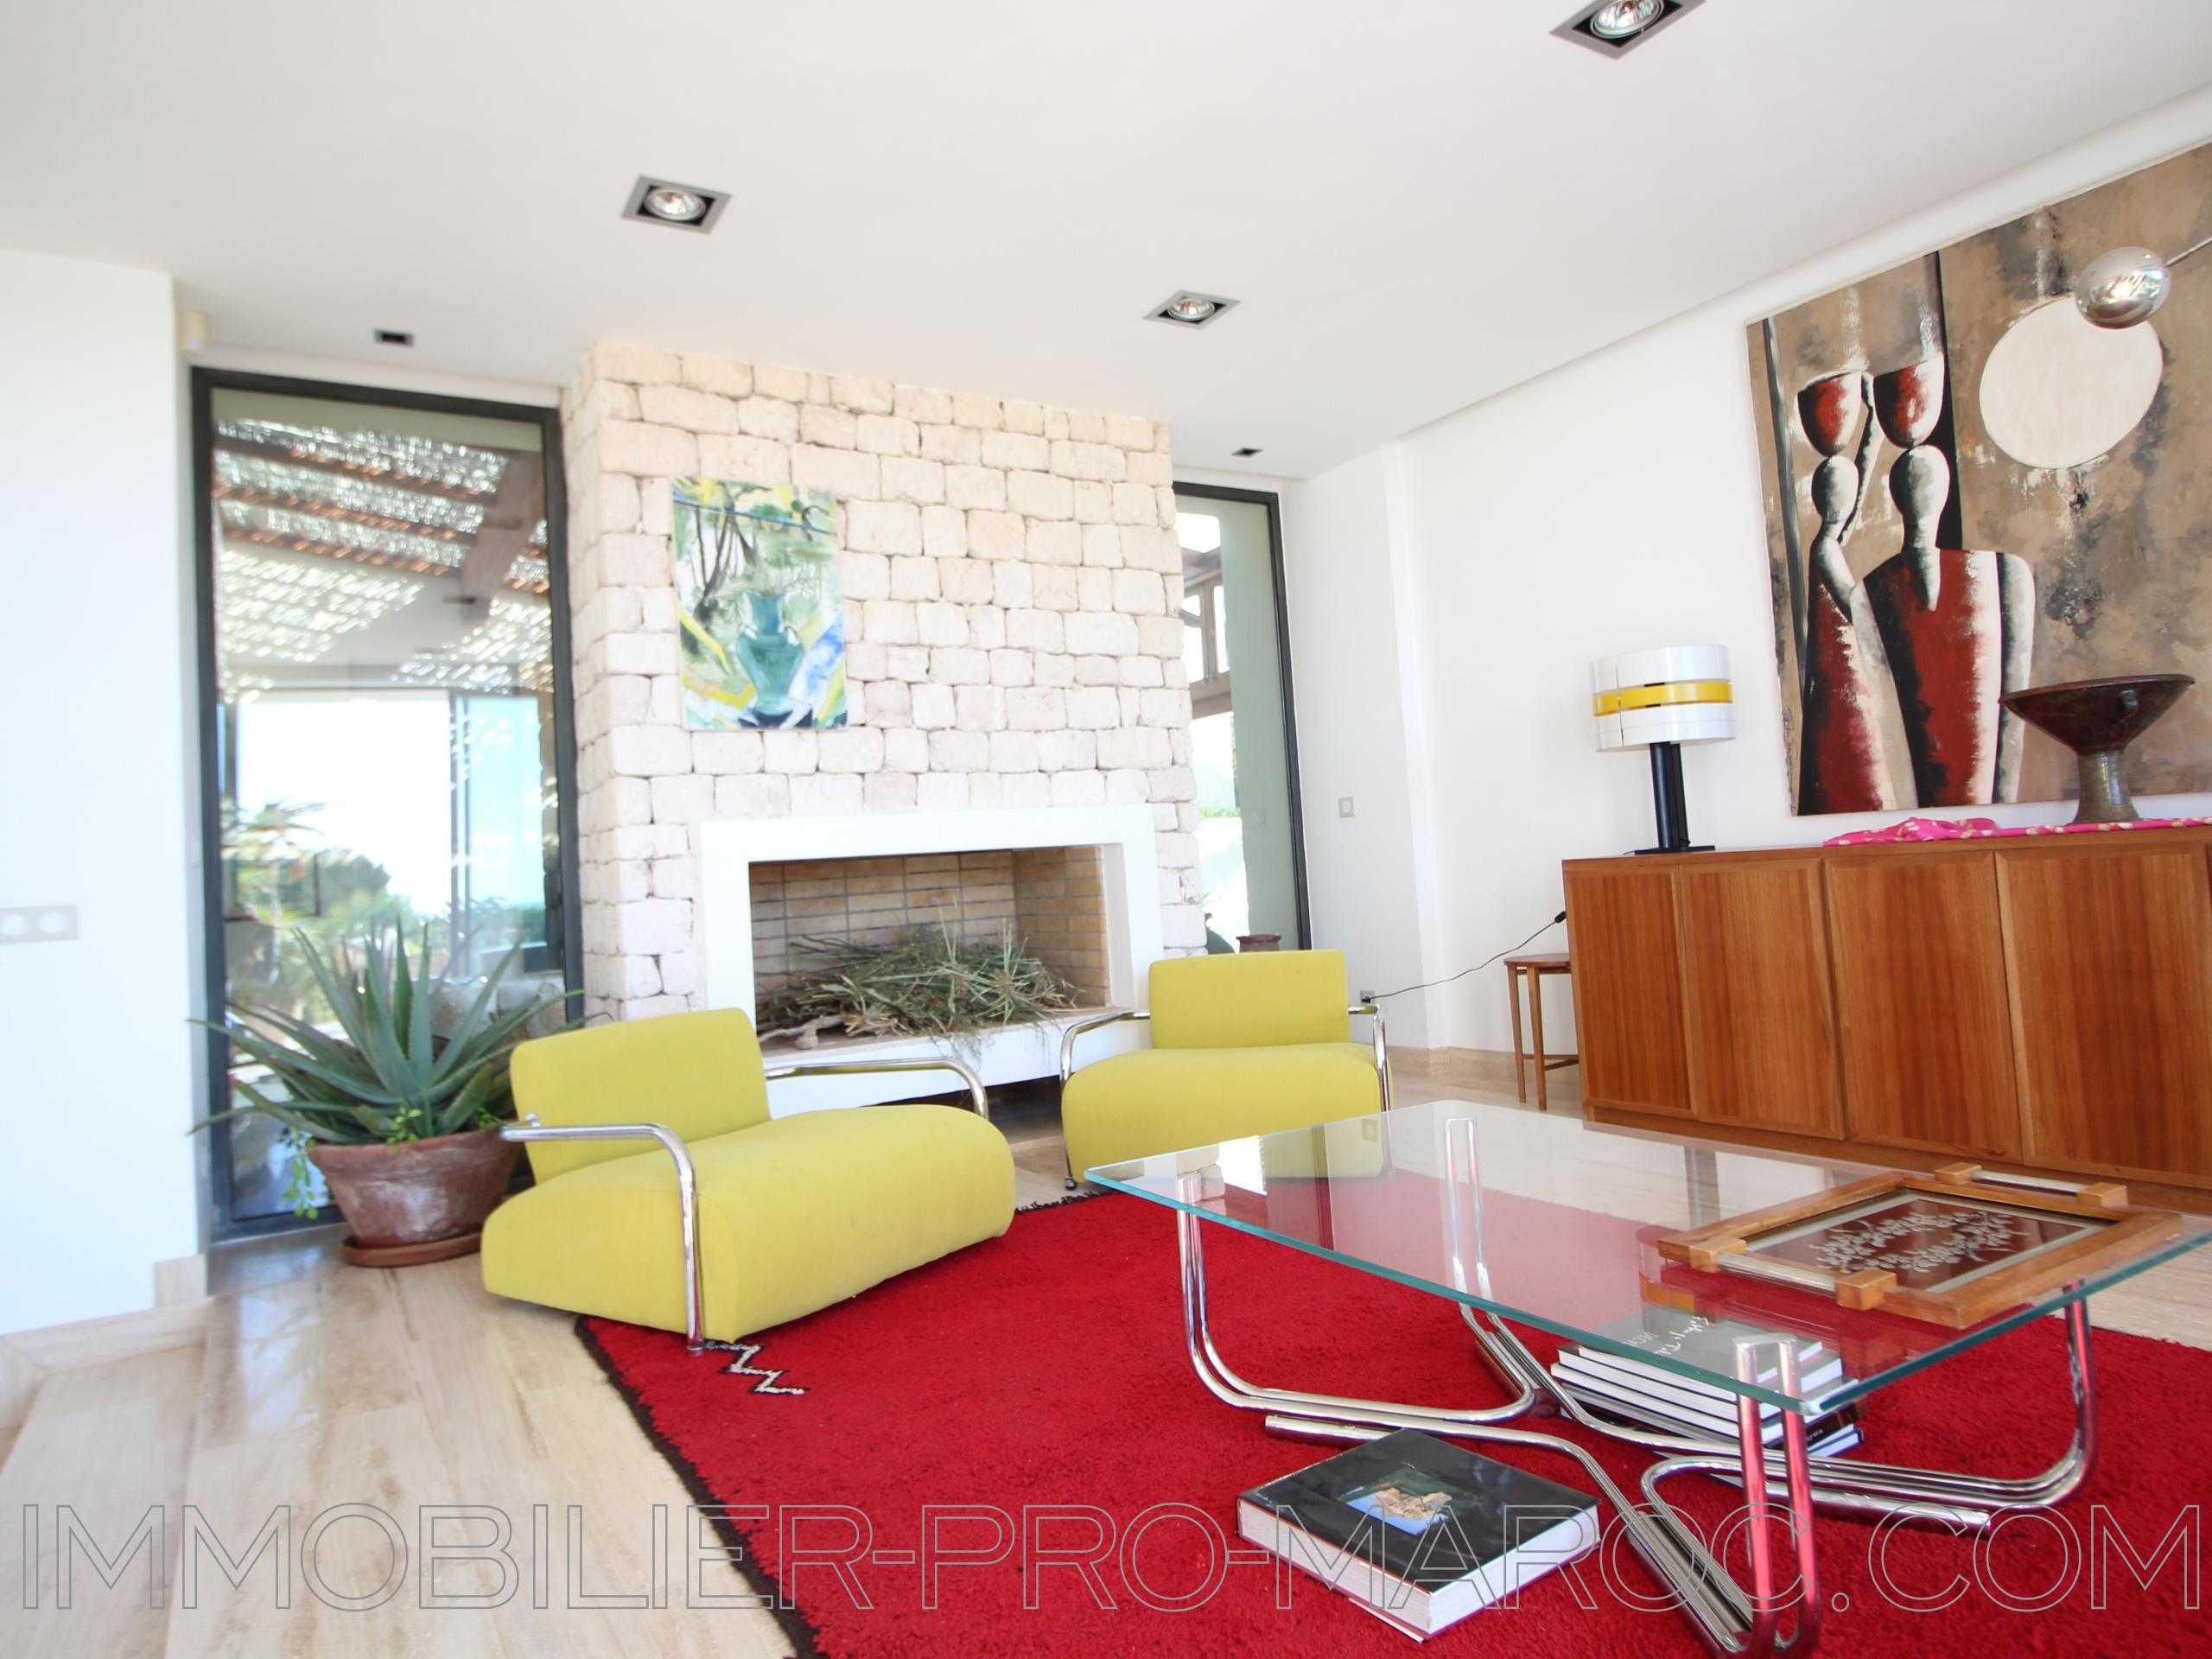 Villa 5 chambres 340m² en location saisonnière à Essaouira ref 5979